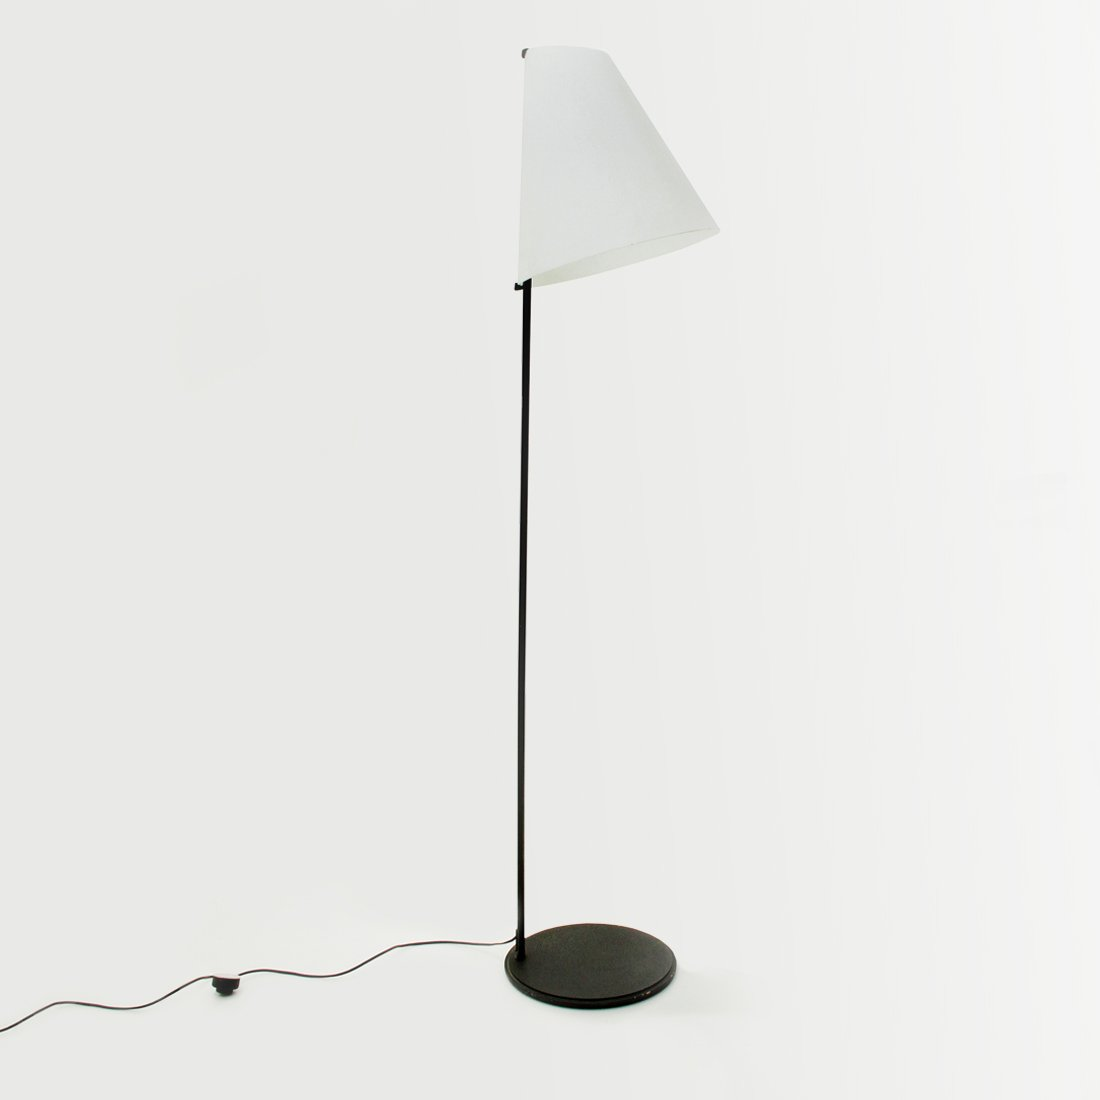 Micene Stehlampe mit Opalglas Schirm von Leucos, 1990er